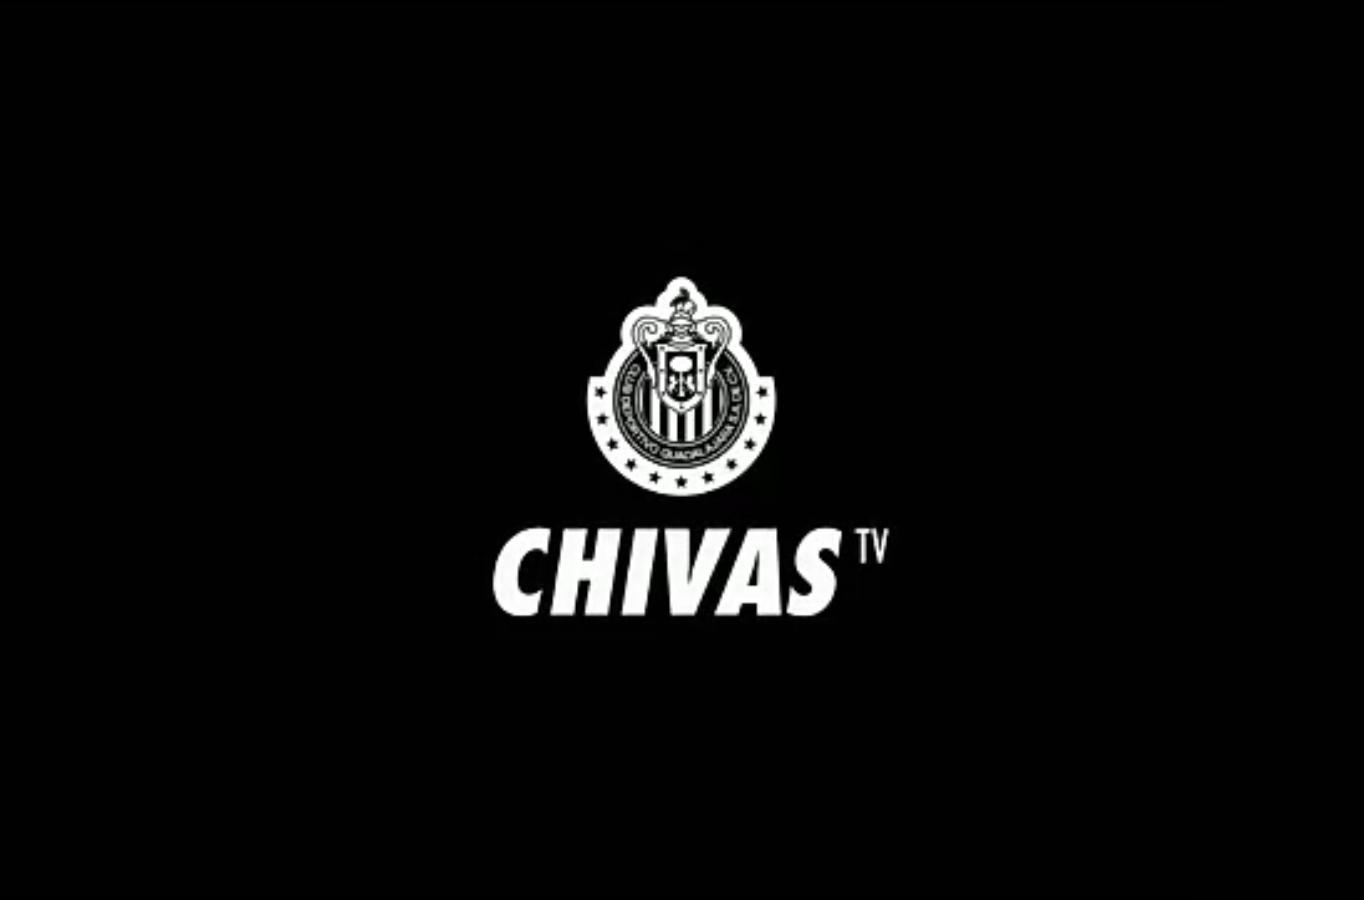 Chivas TV.